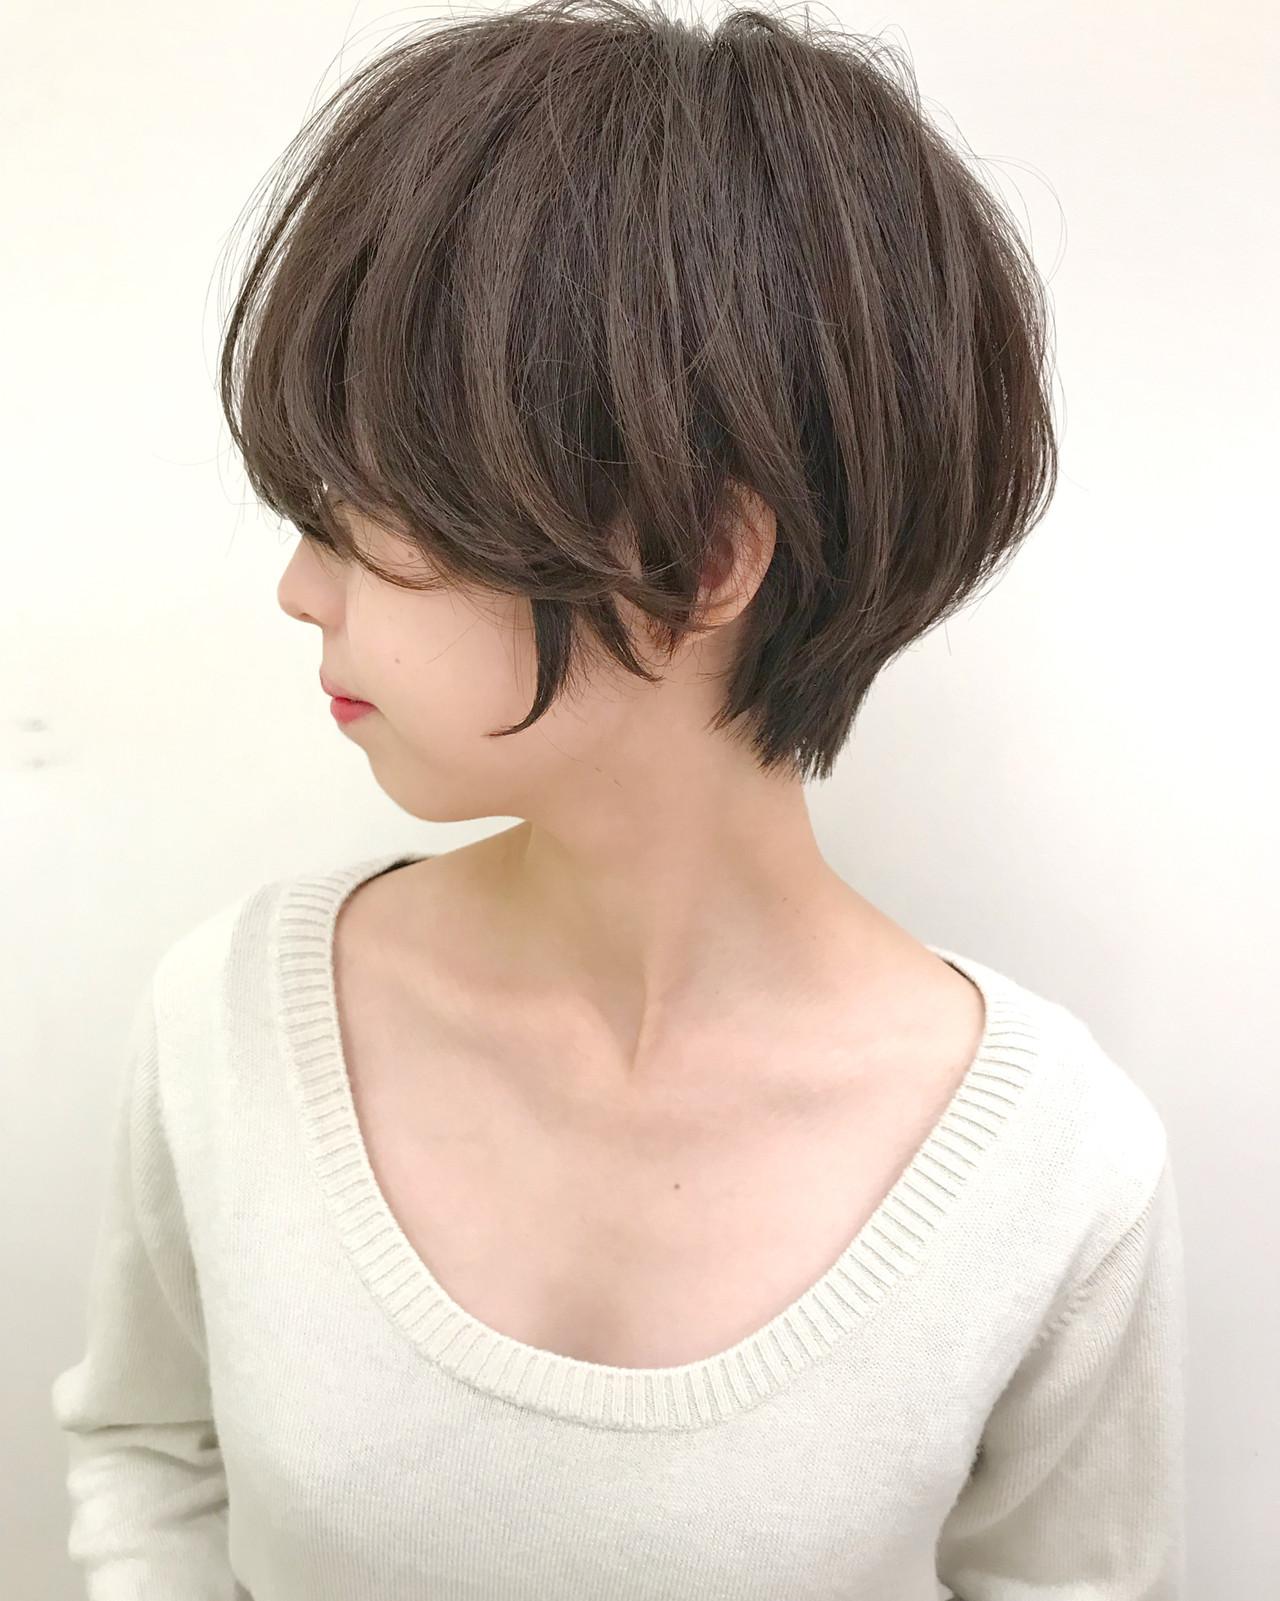 """直毛を柔らかく見せる✨『前下がりショートヘア✂️』 . . 直毛で髪がぺったりしやすい方でも柔らかくふんわり見せれます? . . 首元はスッキリする為に短くしますが、顔周りに向かって長くなる様に前下がりでカットしました✂︎ . . . そうする事でスッキリしつつも女性らしいシルエットになります❗️ . . . 内側に軽さをしっかり入れる事で柔らかさを出すことが可能です? . . . スタイリングの時にストレートアイロンで毛先を巻くことで柔らかさとボリュームも出ます❗️ . . . 女性らしいショートヘアにしたい方はスタイリスト中井裕貴にお任せ下さい? . . . 丸みのある柔らかいショートヘアに致します✂️ . . . ✅ショートヘアで失敗したくない. ✅スタイリングを簡単にしたい(まとまり良く、広がりにくい). ✅女性らしいショートヘアにしたい. ✅骨格をカバーしたい(絶壁、ハチ張り). ✅360度どこから見ても綺麗なシルエットが良い. ✅似合うショートヘアがわからない. ✅他のサロンでショートヘア失敗された. . 等という方は 『 #美容師ナカイヒロキ にお任せ下さい❗️』 . . . 『9割以上のお客様がショートヘア✂️』 . 僕の担当しているお客様の9割以上がショートヘア〜ボブスタイル? . . . 特に20〜30代の女性のお客様が多いです? . . . 初めてショートヘアにする方などは『絶対に失敗出来ないから!』と言って、わざわざ遠くから武蔵小杉まで来て頂く事も多いです? . . . 最近はインスタを、見てご来店される方がとても増えてます❗️ . . . そんな状況を本当に嬉しく思っていて、期待に応えられる様に1人ひとりと真剣に向き合ってカットしてます✂️ . . . 僕の作ったショートヘアはこちらをご覧下さい 【 #中井ショート 】 . . . . 【美容師歴7年】. . 同世代では1番早い、1年8ヶ月でスタイリストデビュー後、ショートヘアに特化してきました✂️ . . . ショートヘアに拘りを持ち続けた結果、新規指名数&ショートヘアのオーダー率は全店No.1❗️ . . . 360度どこから見ても、丸みのある綺麗なショートヘアが得意です✨ . . . ショートヘアは正面だけではなく、サイドや後ろ姿も大切だと思います❗️ . . . . 『✂️実績✂️』 . 『TOKYO BEAUTY CONGRESS 2015』 審査員賞. 『TOKYO BEAUTY CONGRESS 2015』 ジャーナル賞. 『TOKYO BEAUTY CONGRESS 2016』準グランプリ. 『TOKYO BEAUTY CONGRESS 2016』 審査員賞. 『HAIR COLOR LIVE CONTEST 2017』 優秀賞. 『 hoyu×ar カラコレ'16 ar賞』. 『 hoyu×ar カラコレ'17 いいね賞』 . その他、社内外で多数受賞❗️ . . . . 『✨お客様の声✨』 . •いつもヘアスタイル参考にさせていただいてます!この前は少し凹むことがあり美容室行ったのですが、髪を切ったらすっごく元気が出ました^_^ 中井さんに切ってもらって本当に良かった!とお会いした際にお礼を言えば良かったなと思い、突然すみません! 今度はショートにしたいなーと。またよろしくお願いします!(20代女性) . . . •今回はありがとうございました! 心機一転、そしてイメチェンすることができました! そしてまとまりやすく、朝のセットも楽チンです^ ^ また伸びて来た頃に伺います! ありがとうございました。(20代女性) . . . 僕自身が美容師という仕事が大好きです✂️ . . . だからこそ僕はヘアスタイルを通して、働く女性を応援したいと思ってます? . . . 美容室に来る理由は『気分を変えたくて髪を切りたい』『大切なことの前に気合を入れたい』『普段のメンテナンス』など様々です? . . . 目の前の1人ひとりのお客様を笑顔にしたいと思って美容師をしてます? . . . . . 『✨ご予約方法はこちら✨』. . 『?WEB予約の場合?』. プロフィールのURLから24時間好きな時にWEB予約が出来ます?. . ホットペッパー等には掲載していないので、WEB予約は公式HPからのみ可能です? . . . 『☎️電話予約の場合☎️』. プロフィール欄の""""電話する""""ボタンを押して頂くか、☎︎044-863-9808までお願い致します✨ . 予約専門のレセプションがご対応させて頂きます?♀️ ※WEB予約が埋まっている場合でも、電話をして頂ければ予約が取れる事があります。 . . . カット6600円. . カラー(一色染め)9100円〜."""